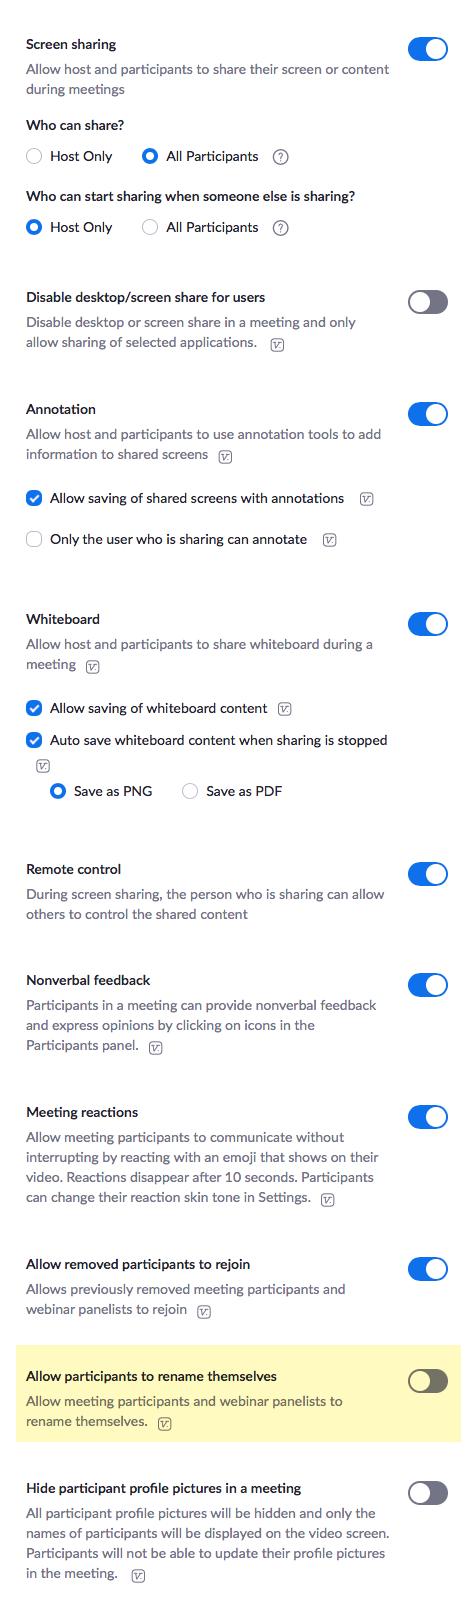 Zoom settings 4 of 7